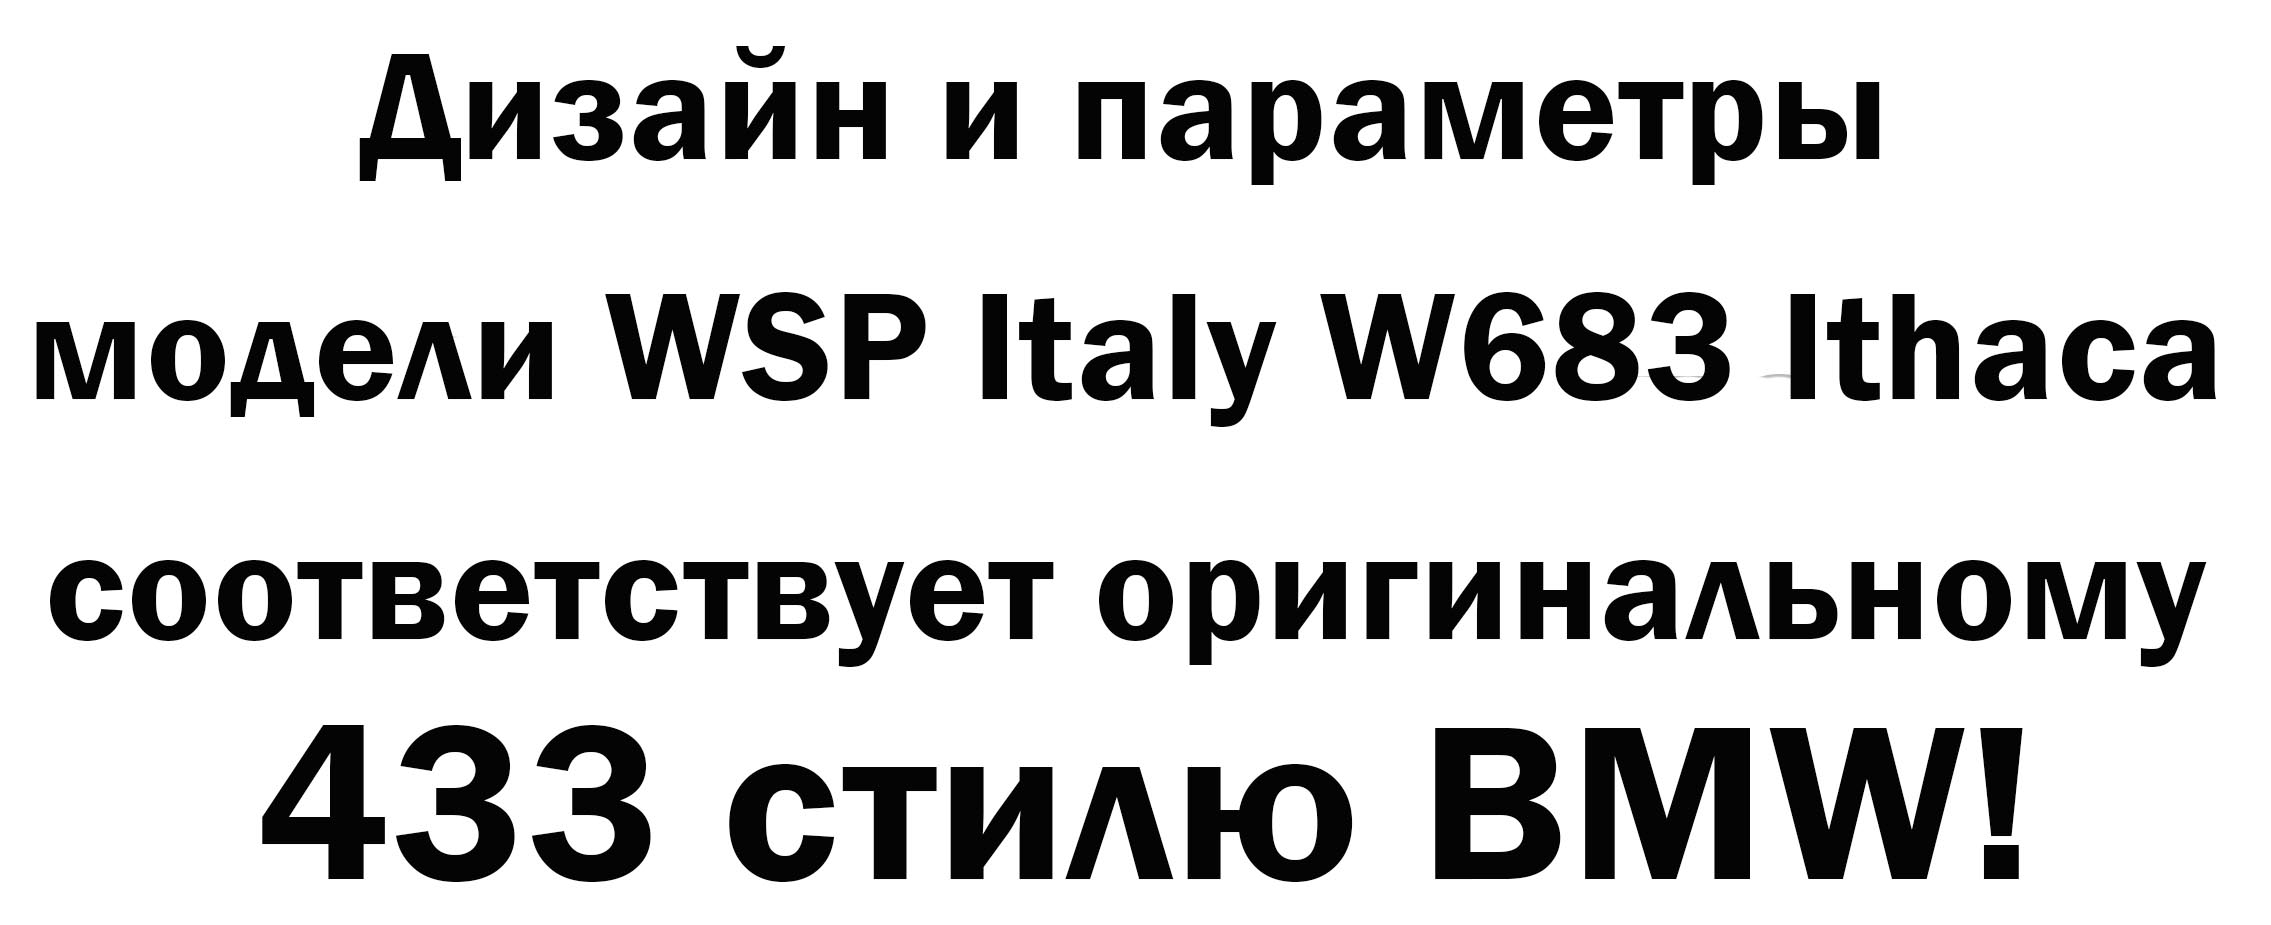 текст_бмв_вспитали